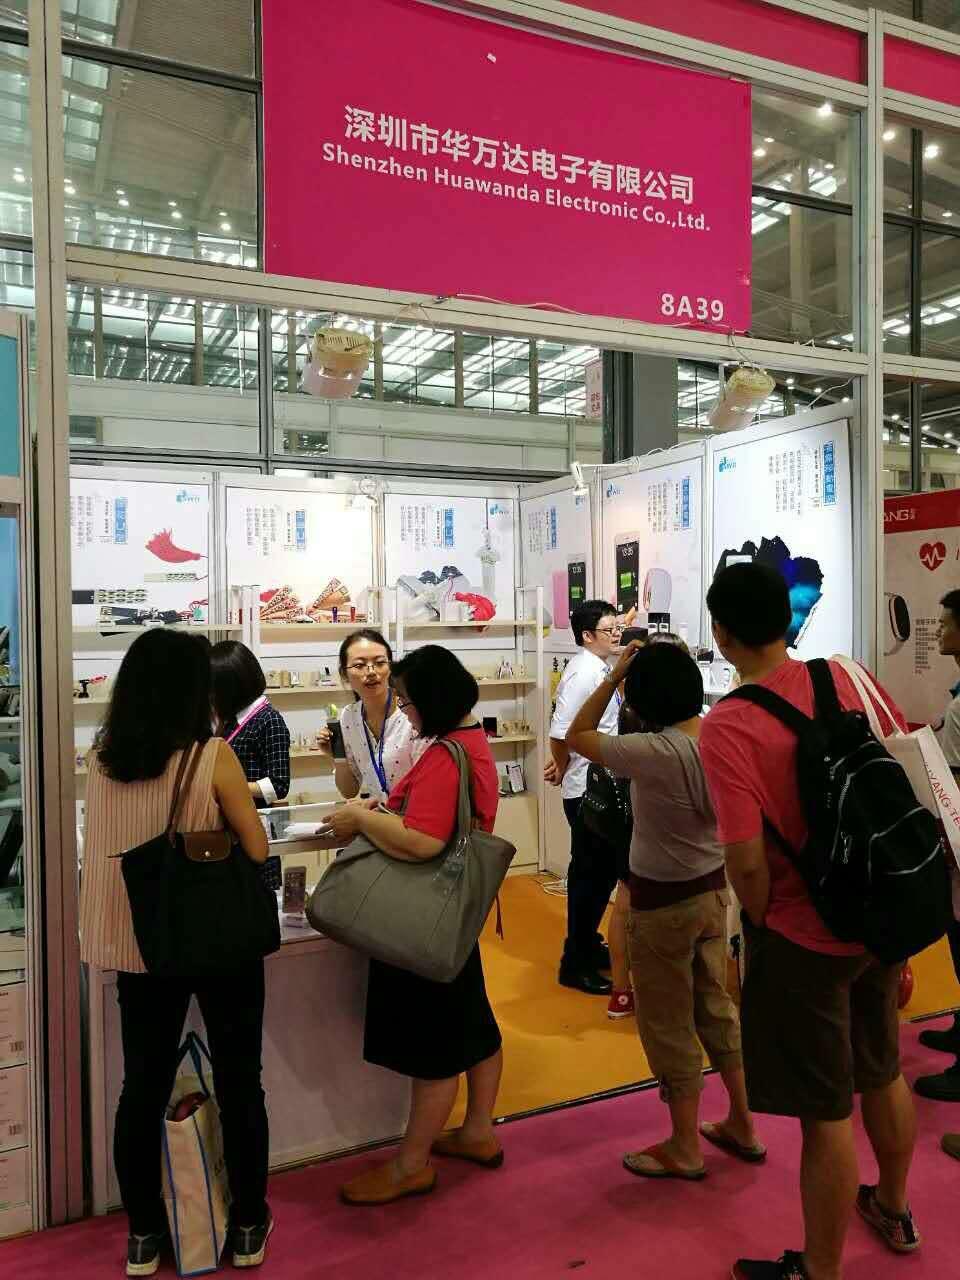 一场完美的邂逅竟在深圳会展中心